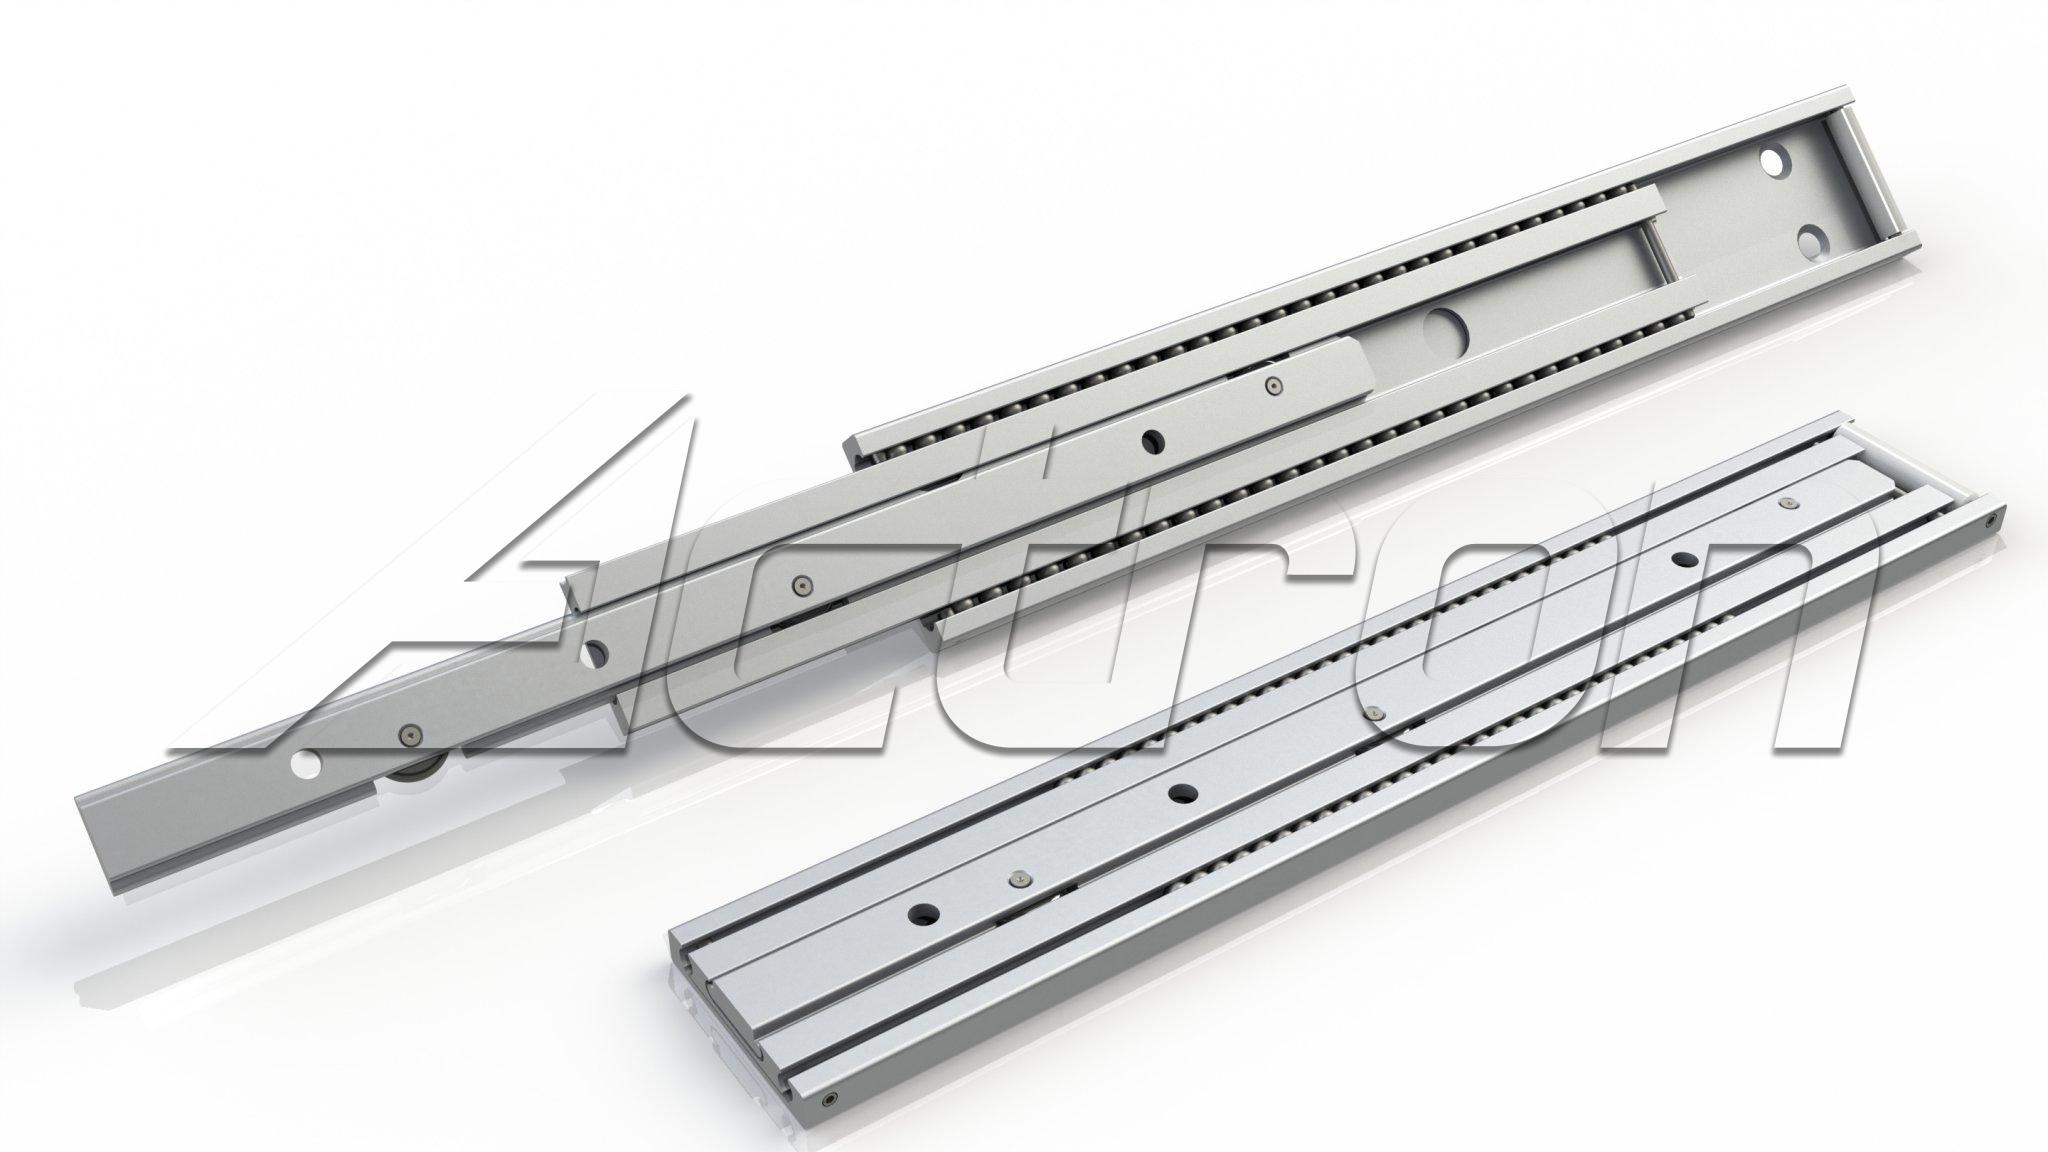 slide-assy-8211-aluminum-25-8243-x-1-25-8243-4928-a5010.jpg